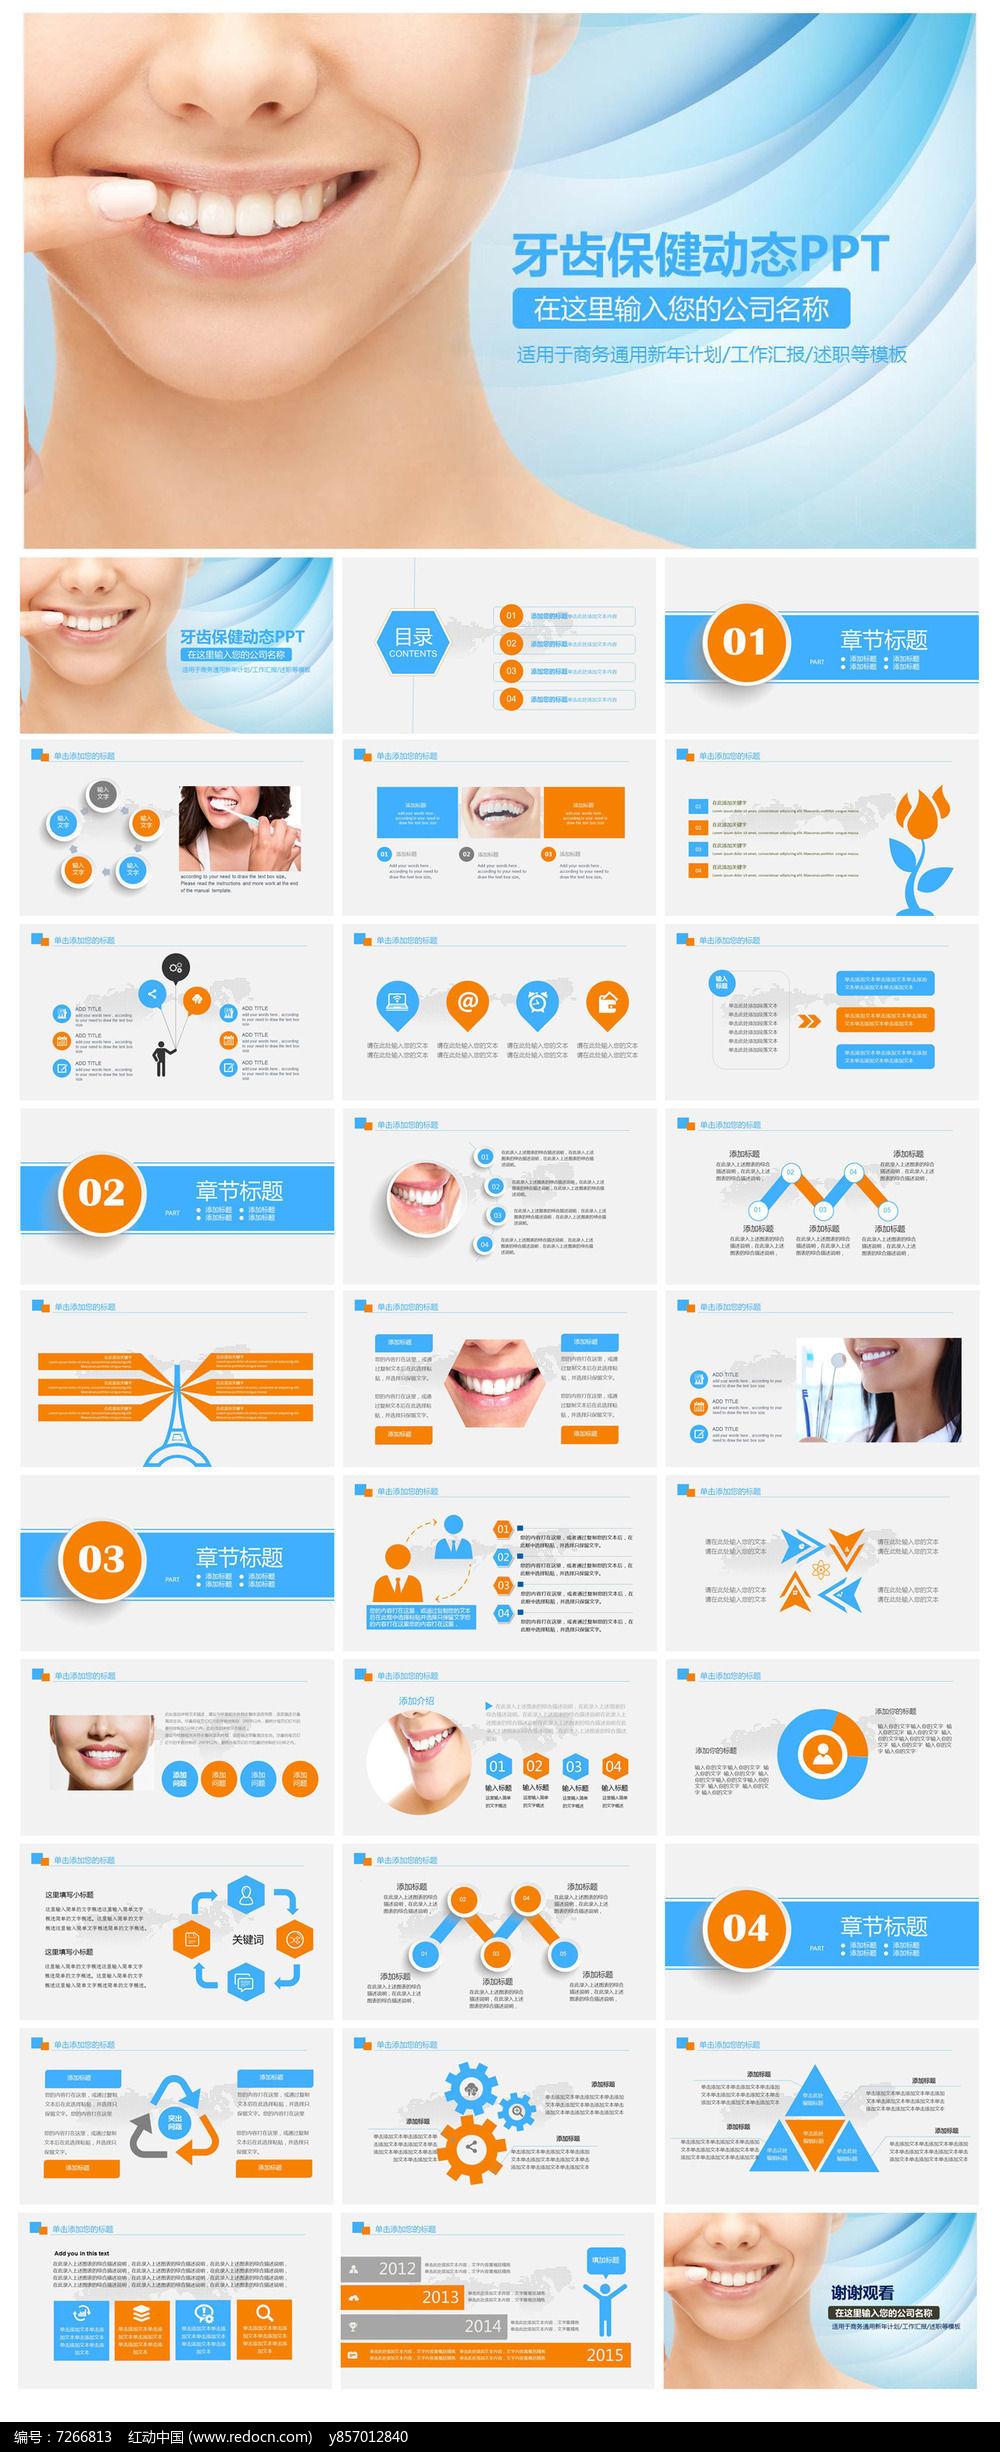 蓝色牙科医疗卫生卡通形象通用PPT模板图片